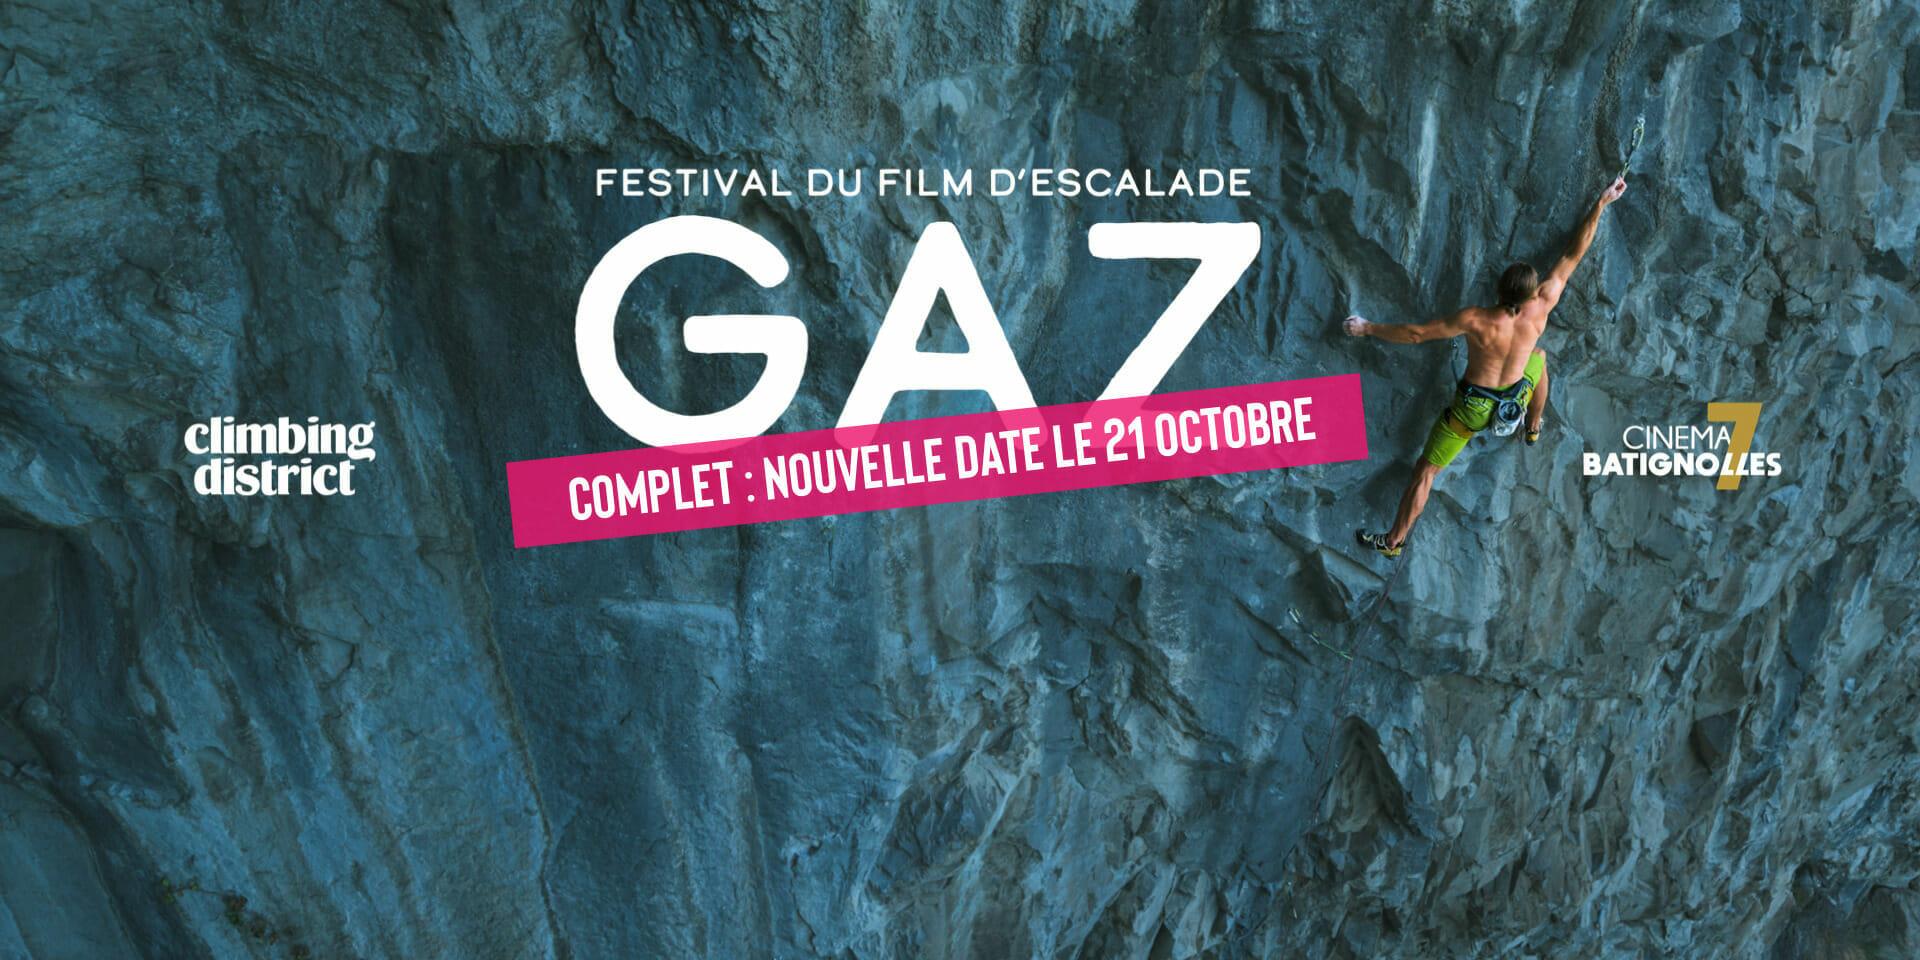 Nouvelle date projection festival Gaz ciné-grimpe - Climbing District